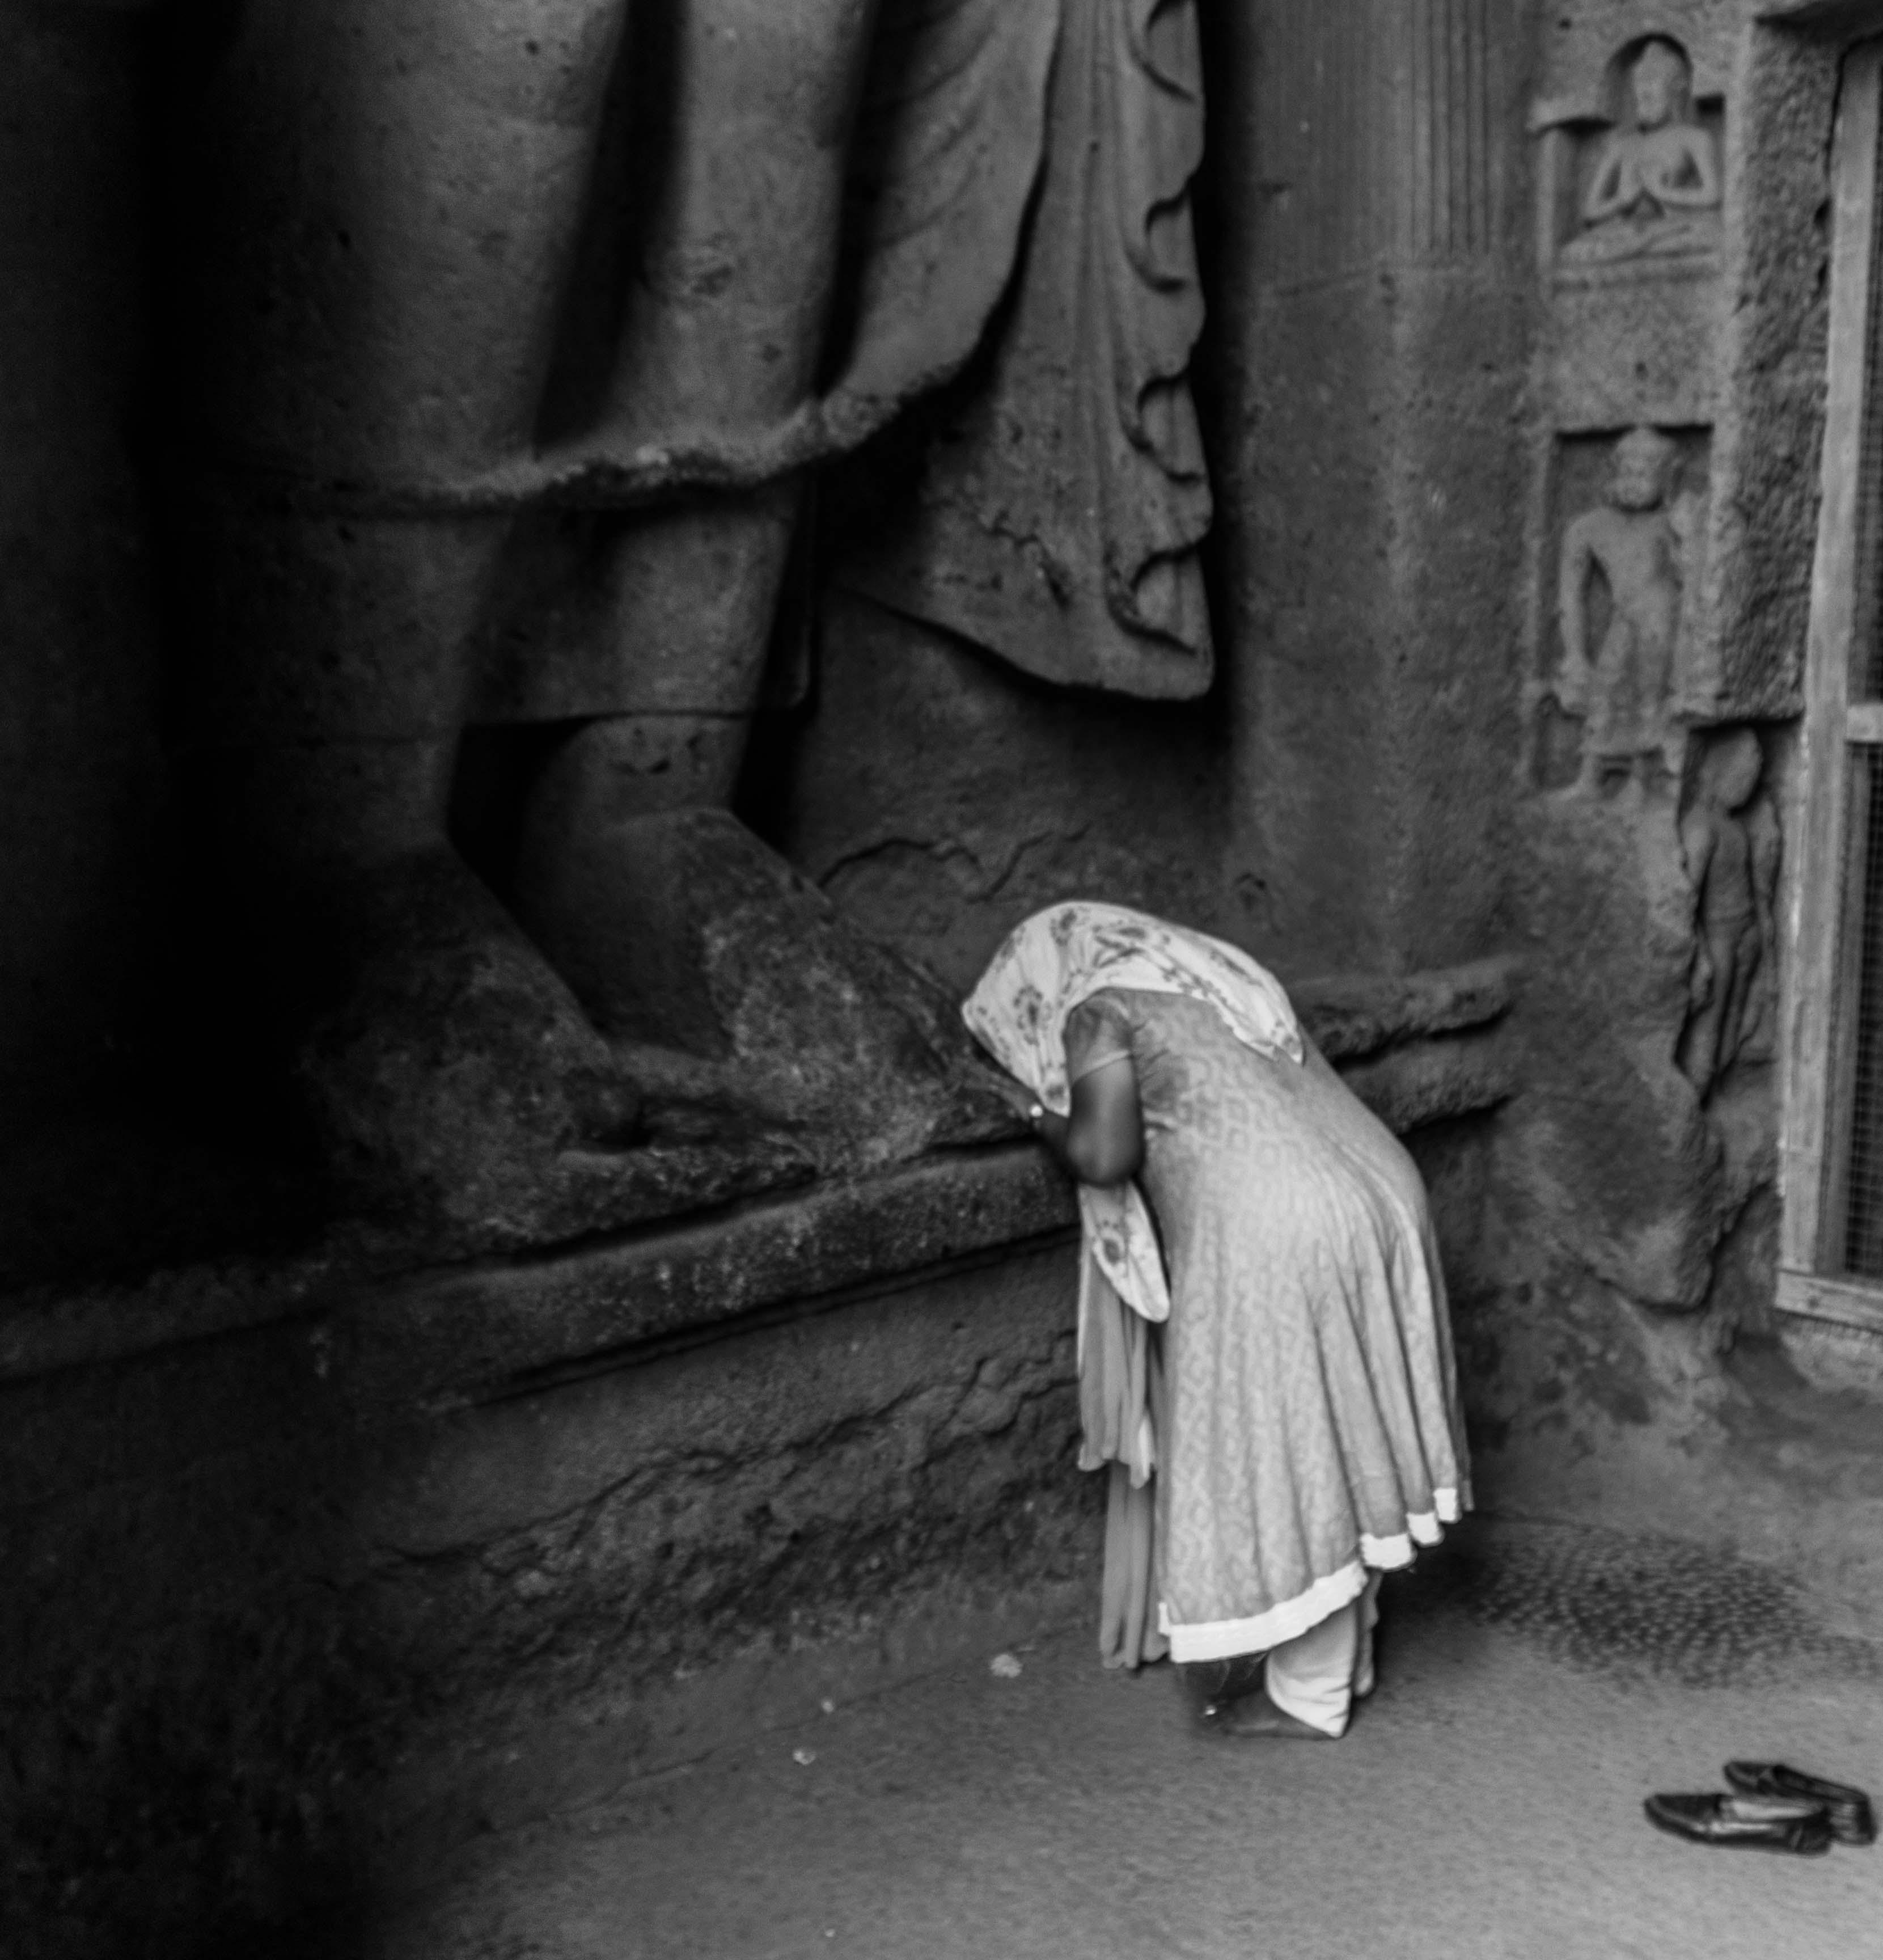 File:Praying woman jpg - Wikimedia Commons